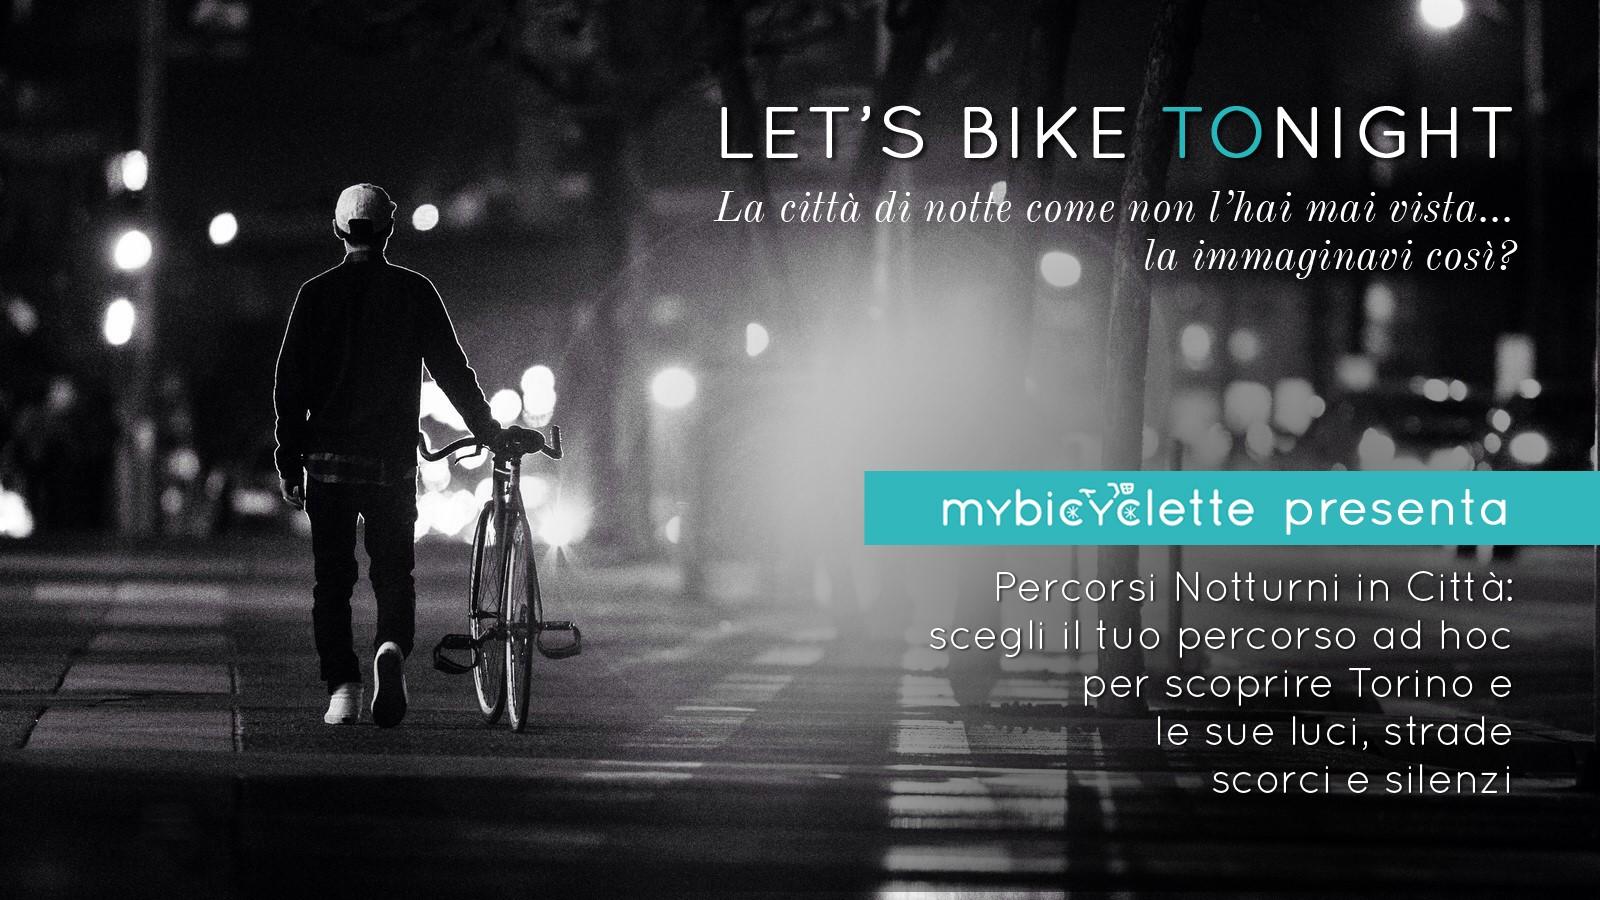 BikeToNight